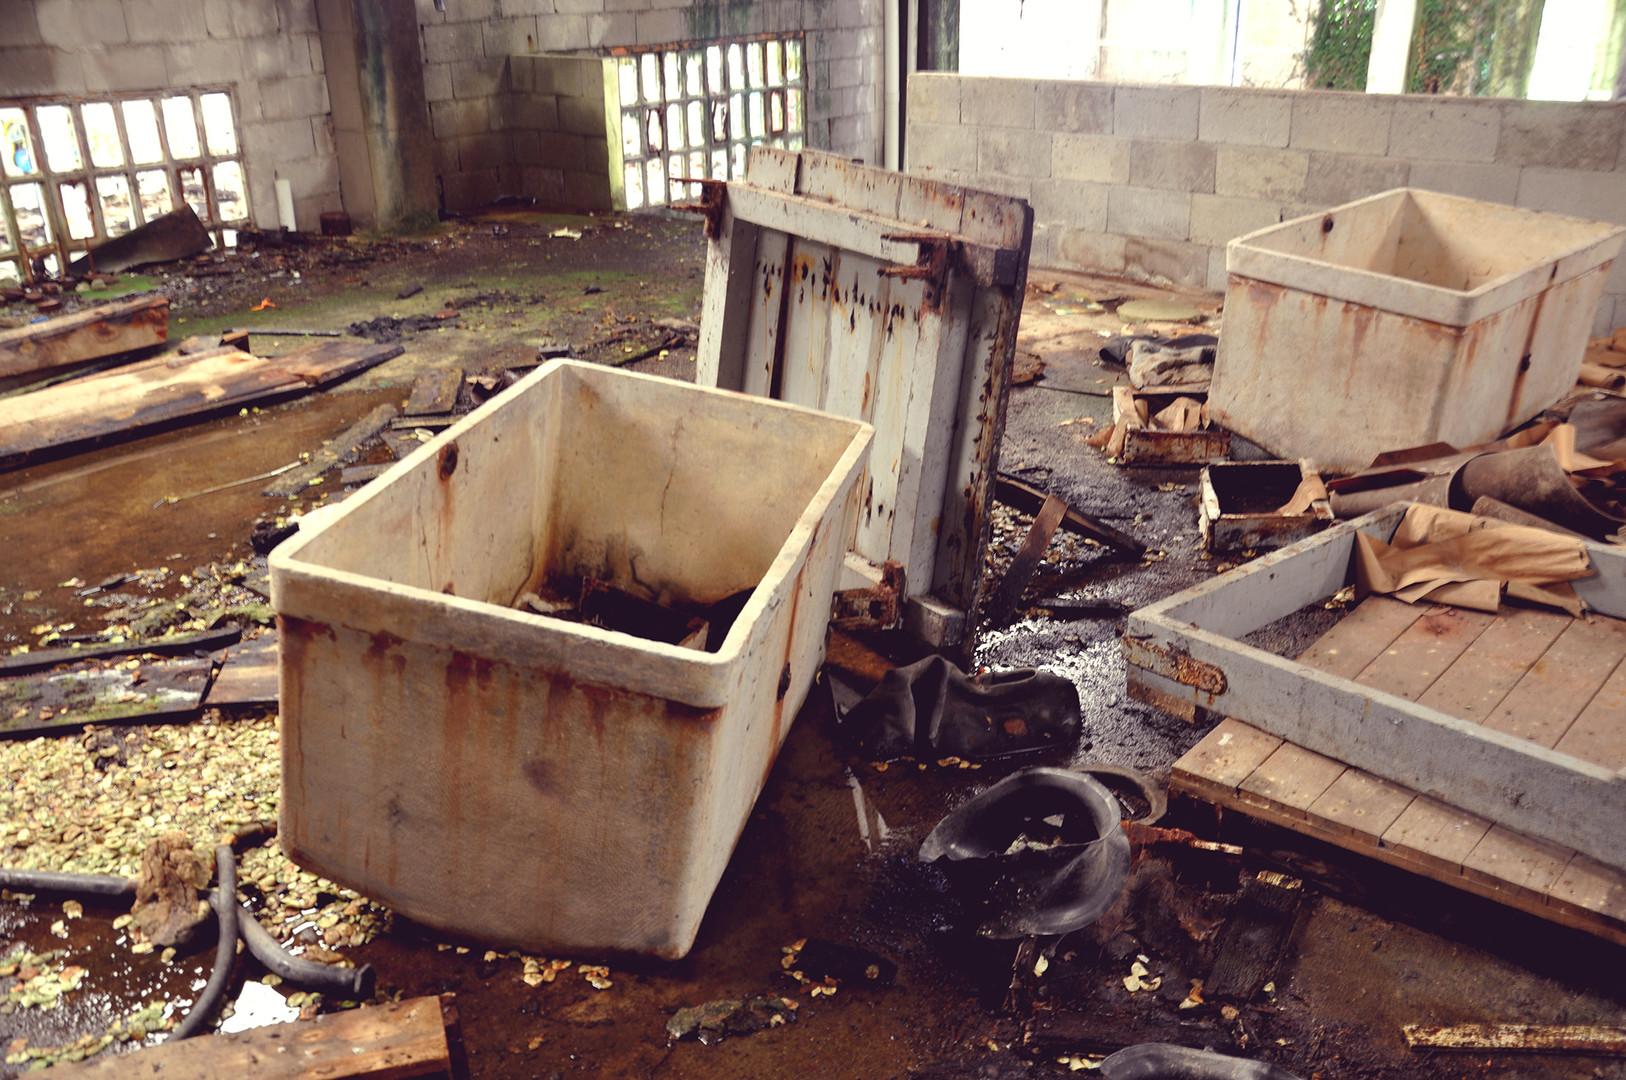 Una de las zonas superiores en segunda planta con restos abandonados